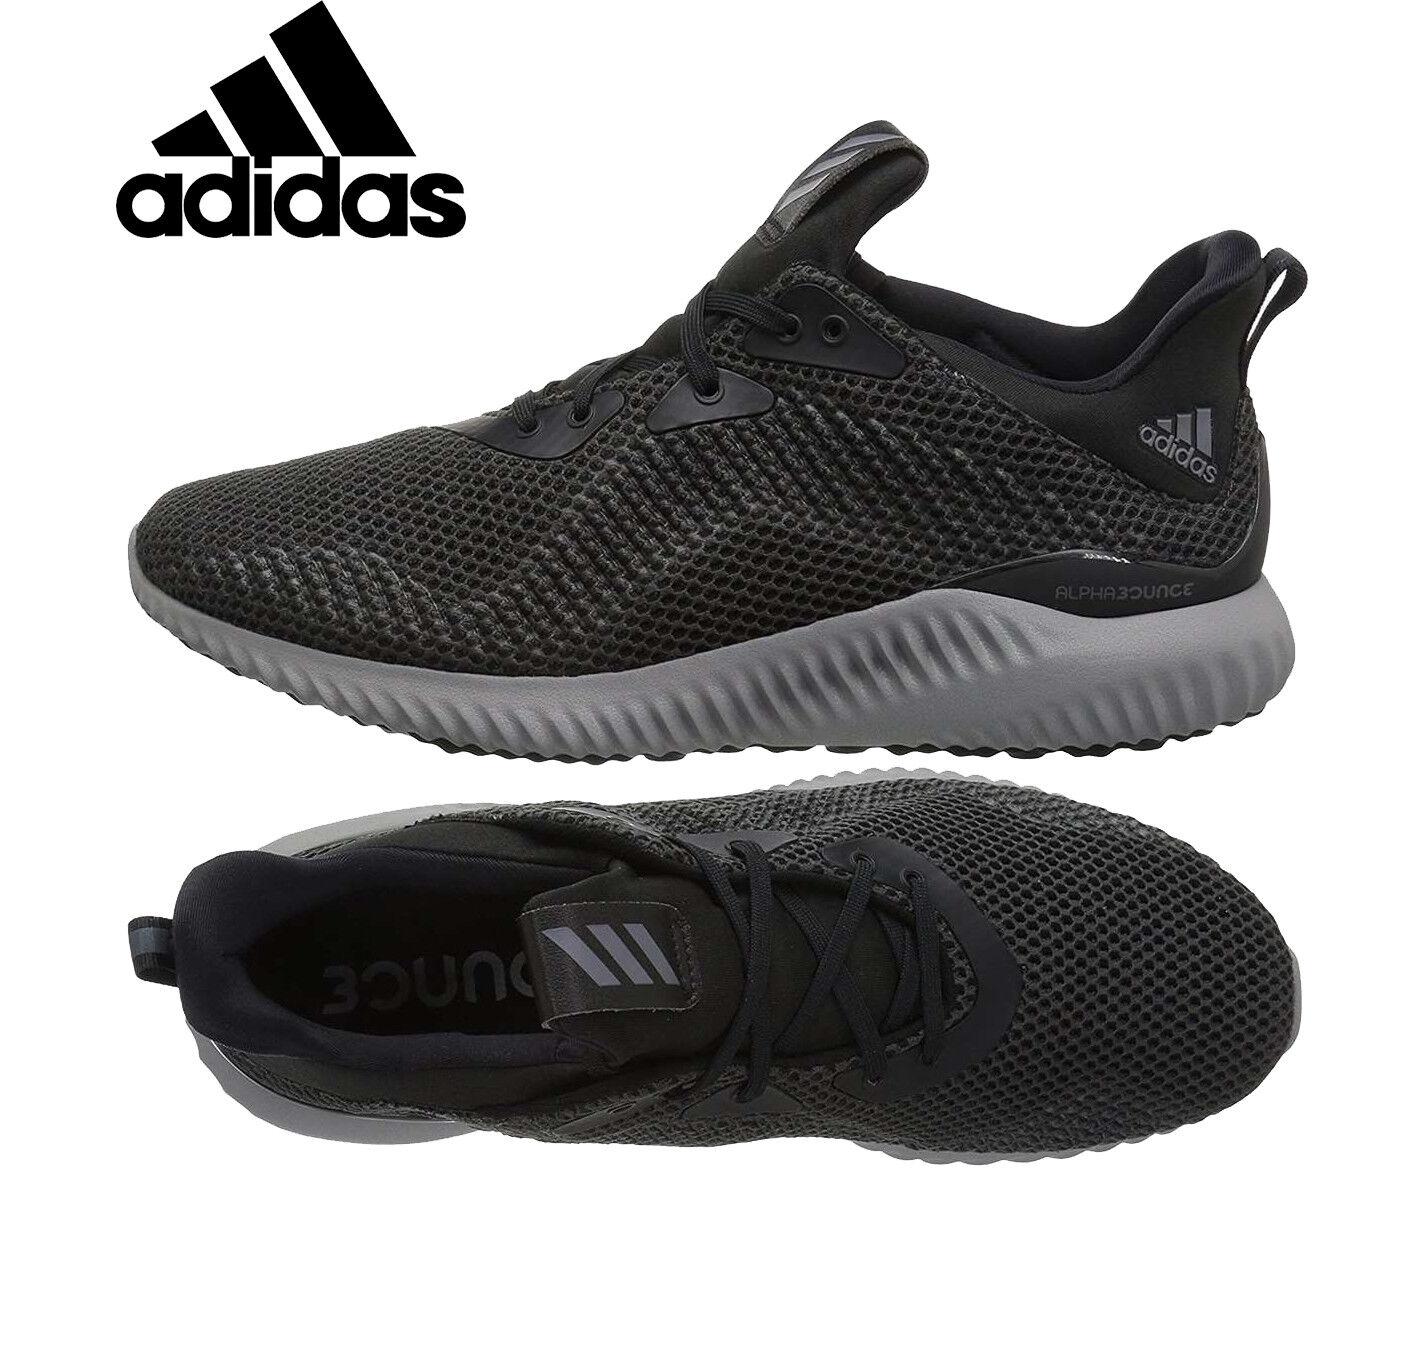 Adidas Mujer Mujer Alphabounce 1 Mujer Mujer Corriendo Zapatos Negros Zapatillas CG5400 Nuevo bba1ef